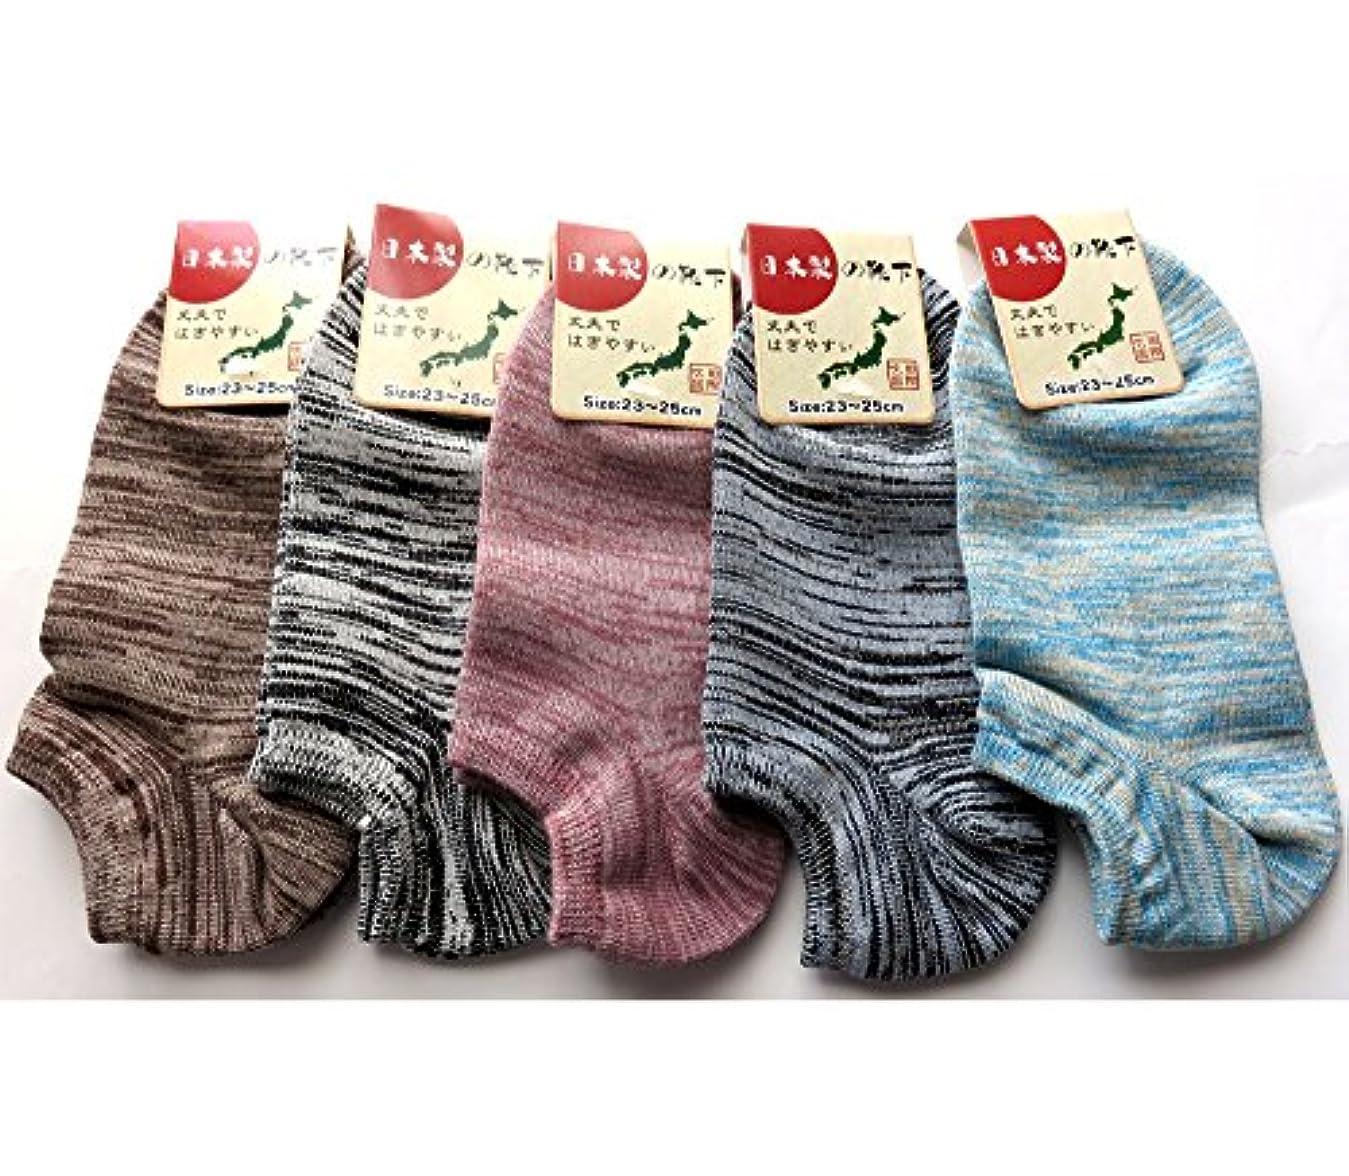 近代化モチーフ縫い目日本製 ソックス レディース 綿混 引き揃え杢調 23-25cm 5色組(カラーはお任せ)